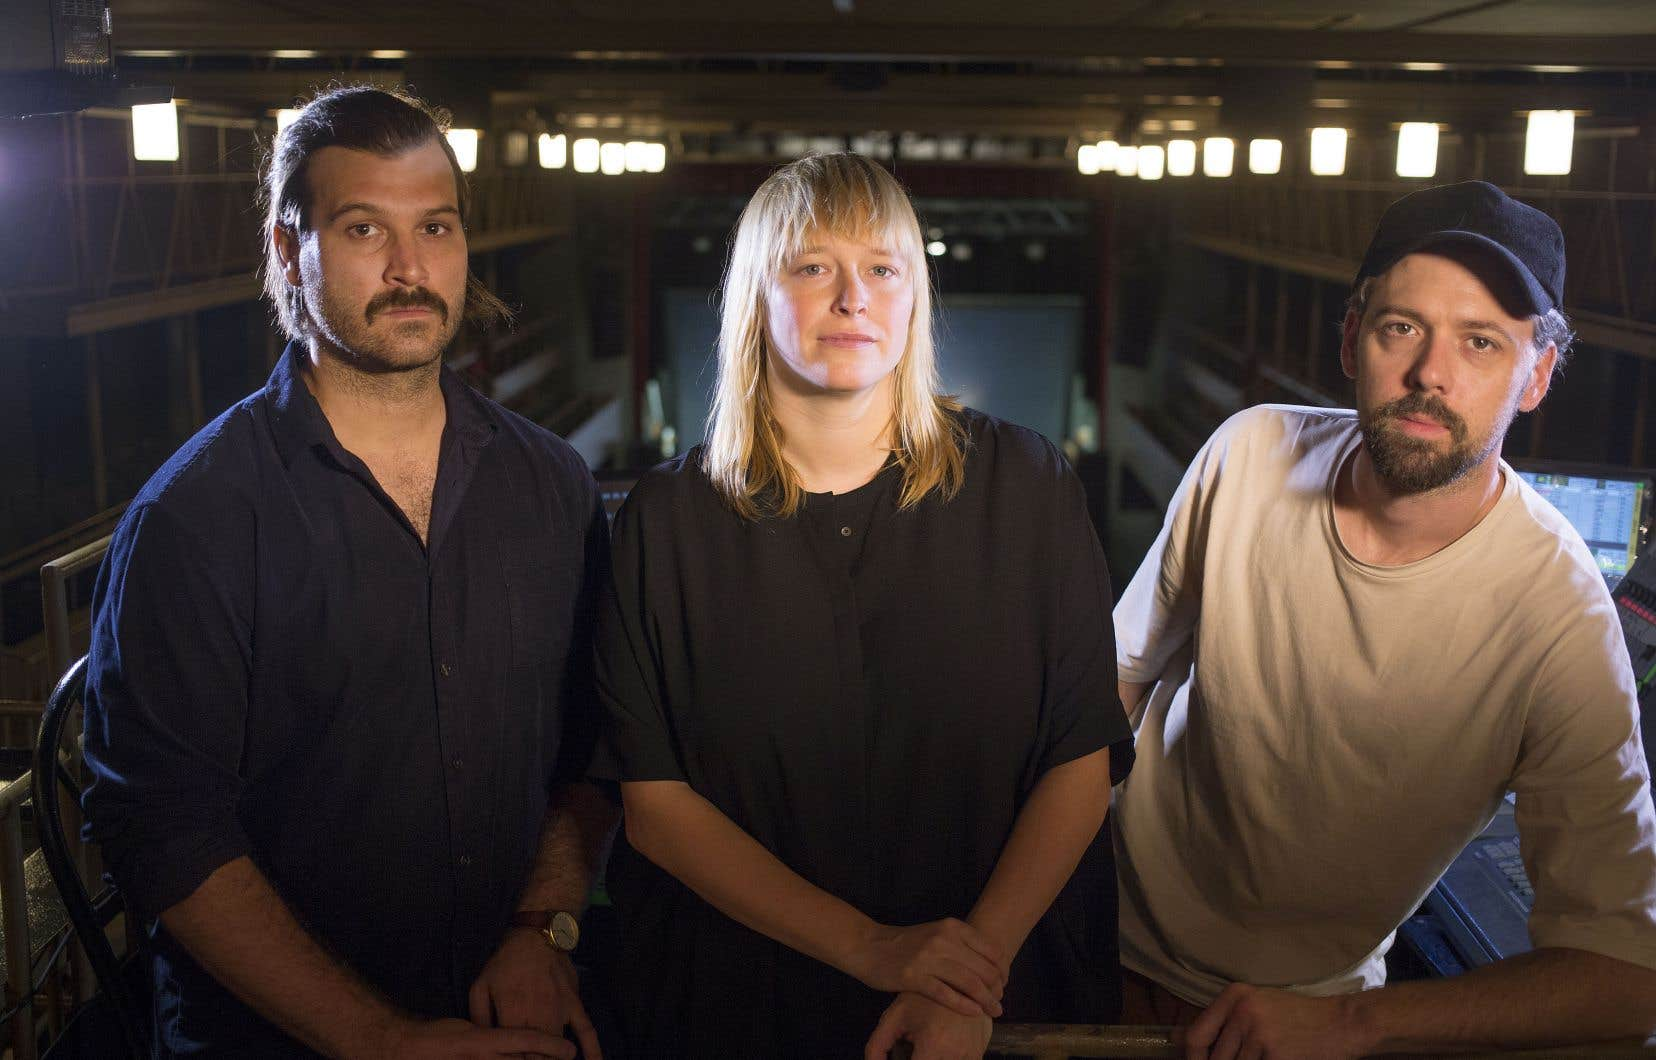 Le trio Dear Criminals sera en spectacle au Festival du nouveau cinéma ce vendredi à 21h.